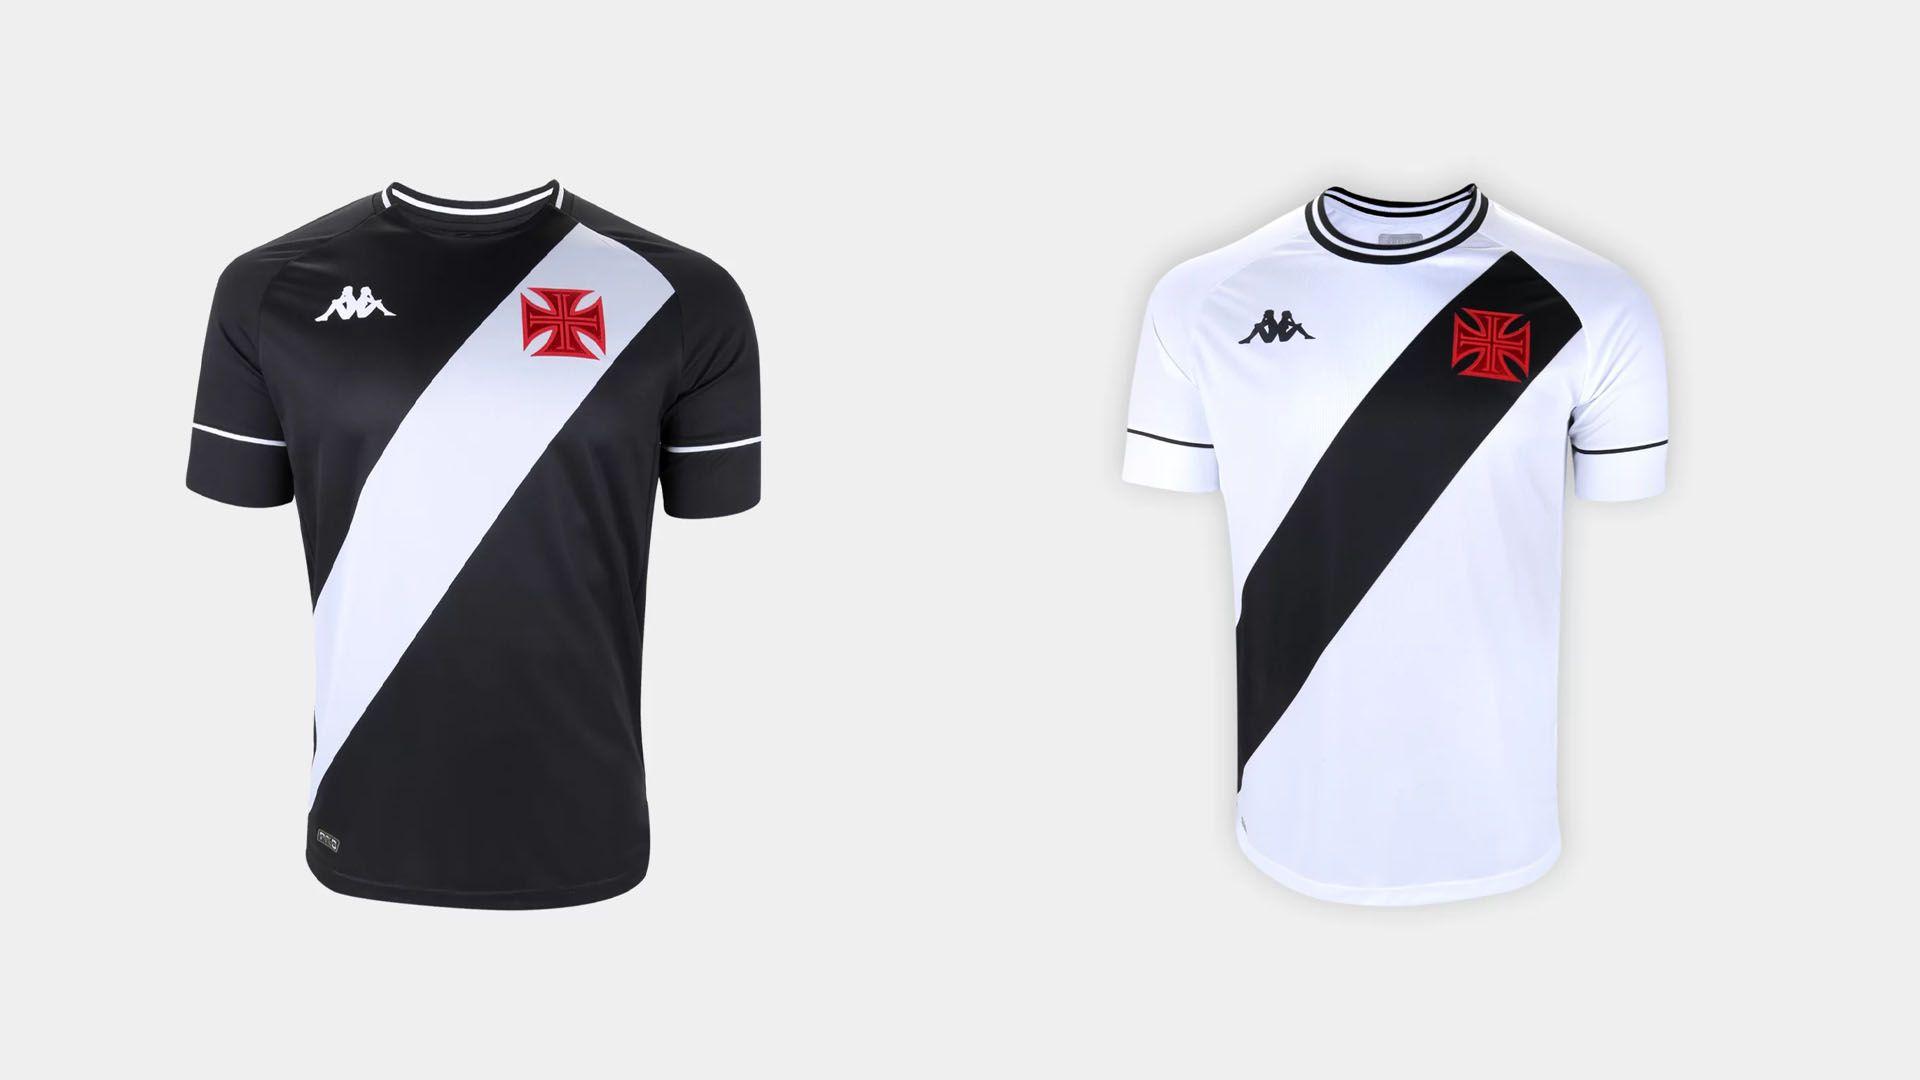 Camisa do Vasco 2020 Kappa Jogo 1 e 2 (Imagem: Divulgação/Kappa)